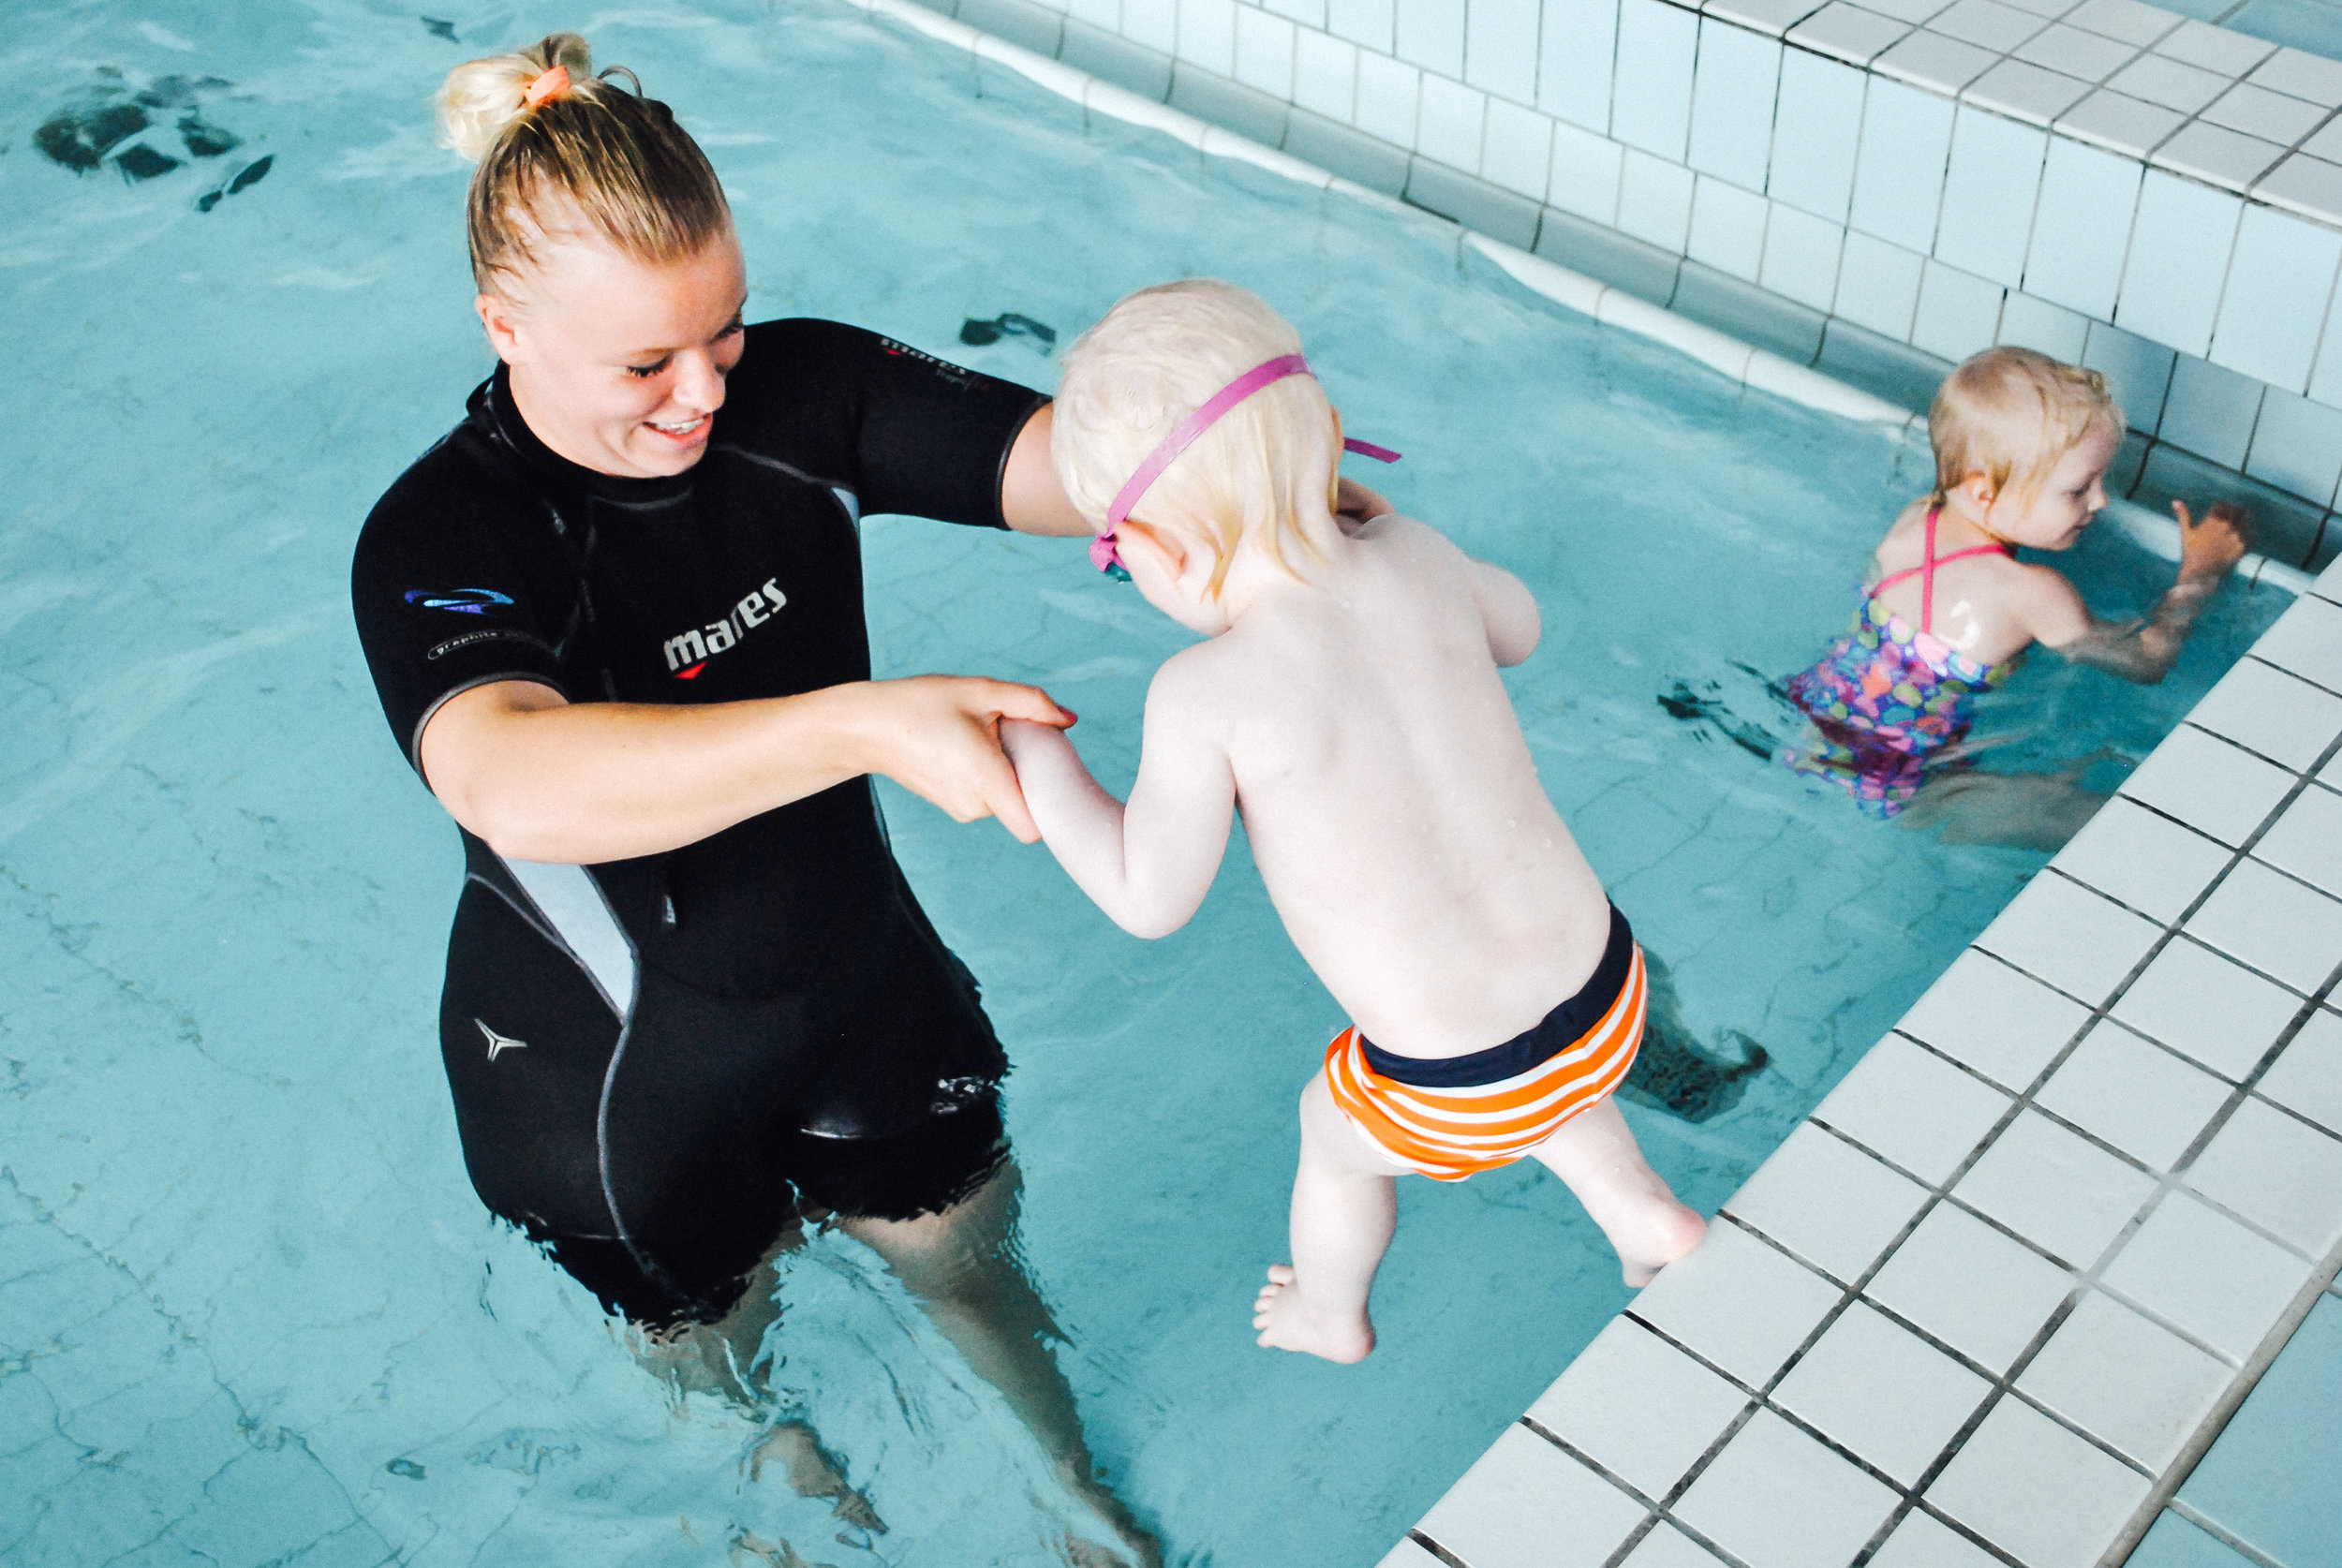 Lasten kesäleirit - Lasten kesäleirit järjestetään 4 kesää. Leirit ovat arkisin ma-pe klo 8.00-16.00. Uintia, liikuntaa, kädentaitoja ja mukavaa yhdessä oloa ala-asteikäisille lapsille!